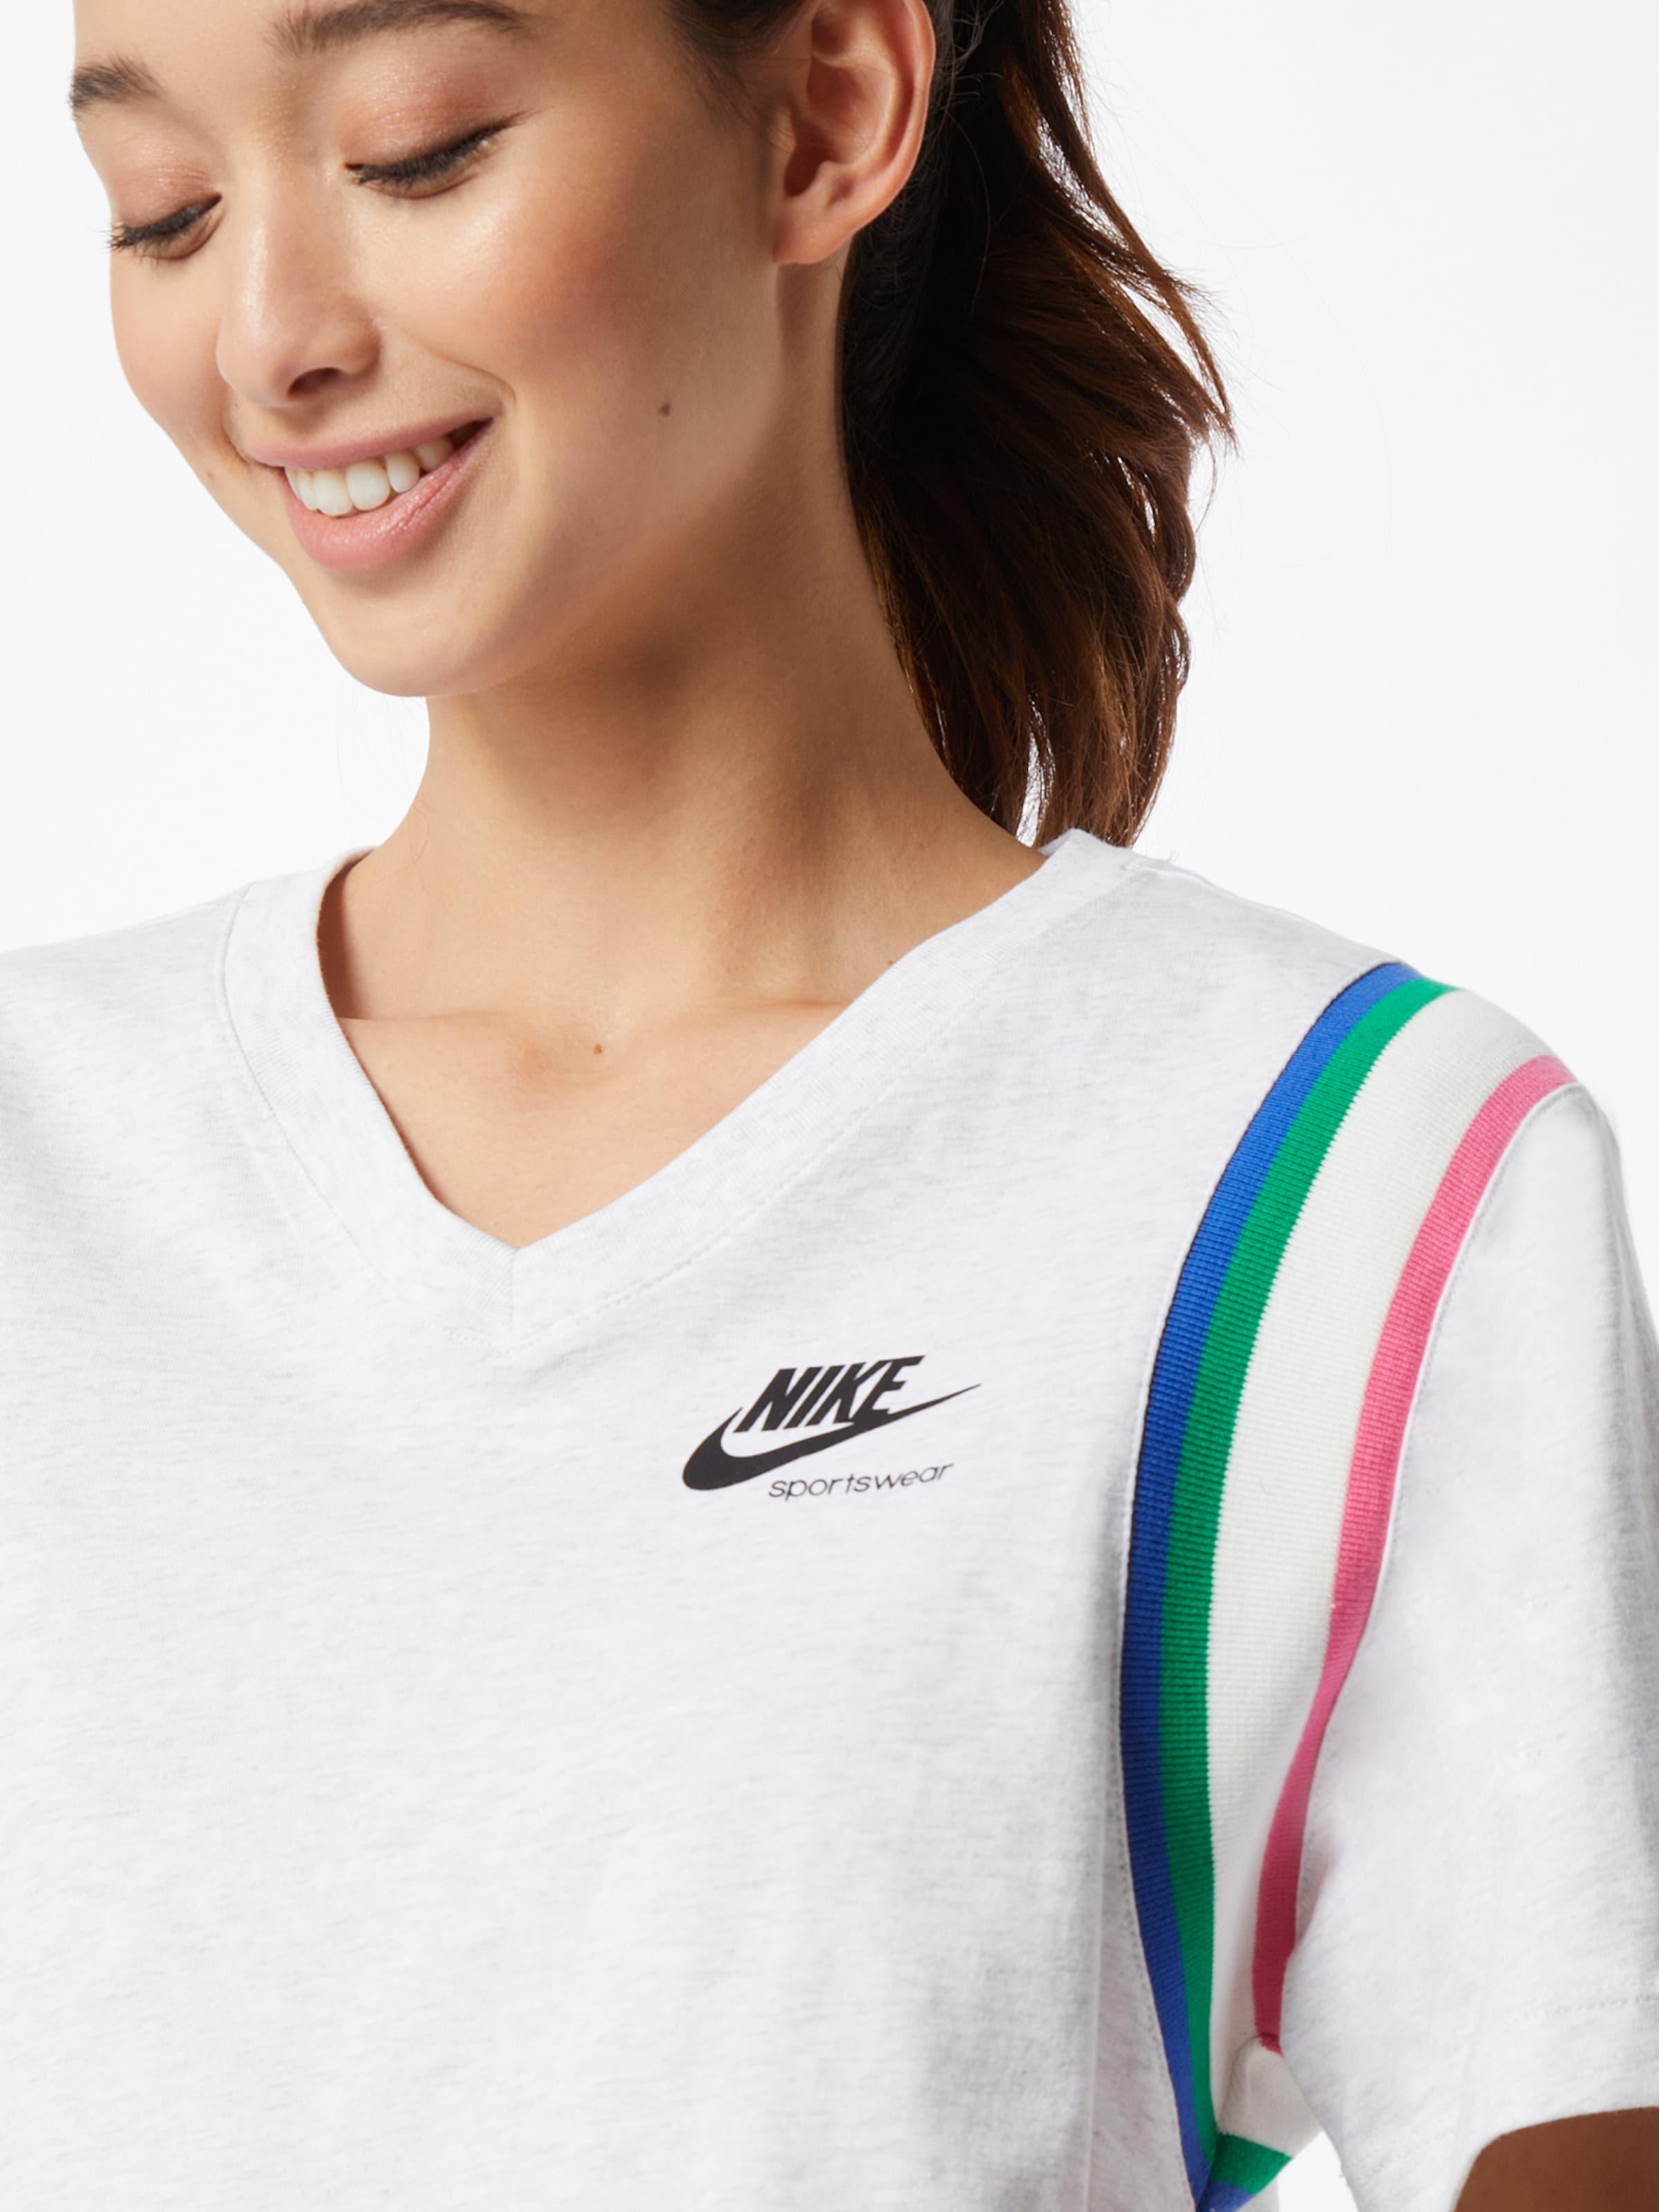 Nike Sportswear Póló fehér színben